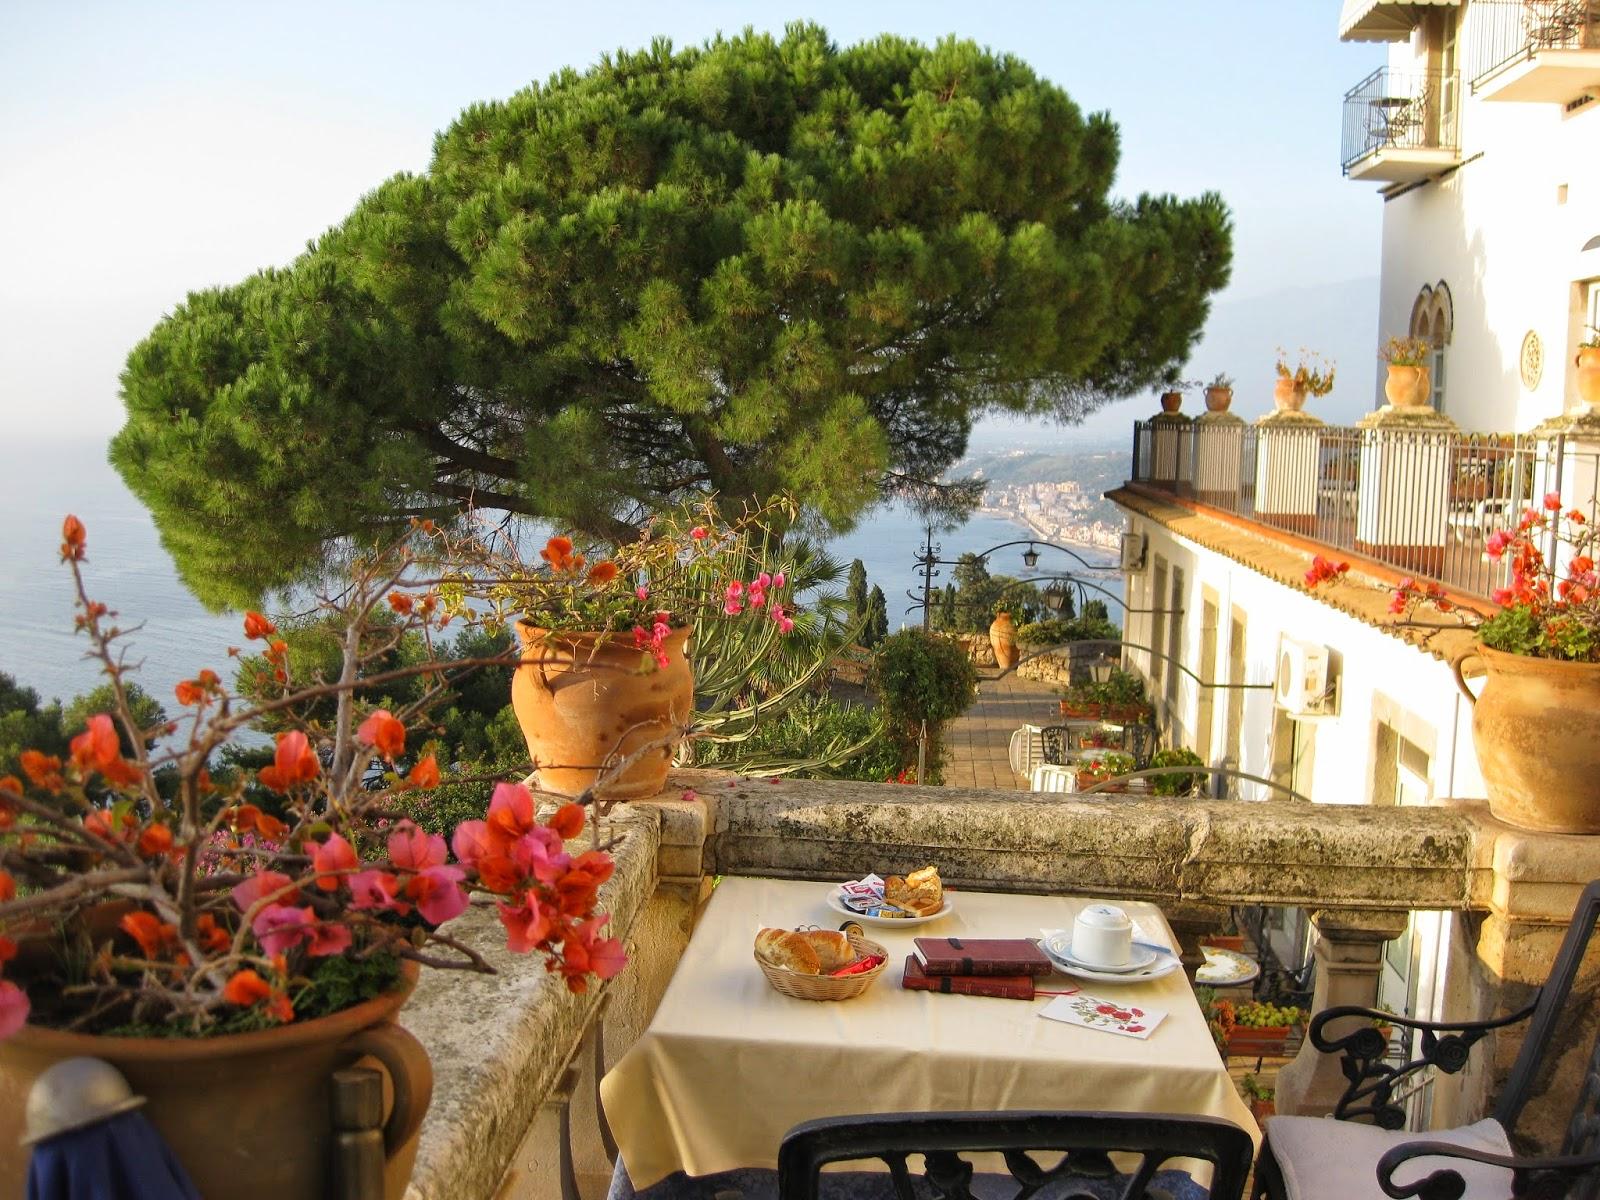 Reiseblog mit herz reisen und mehr von achim taormina for Hotel bel soggiorno abano